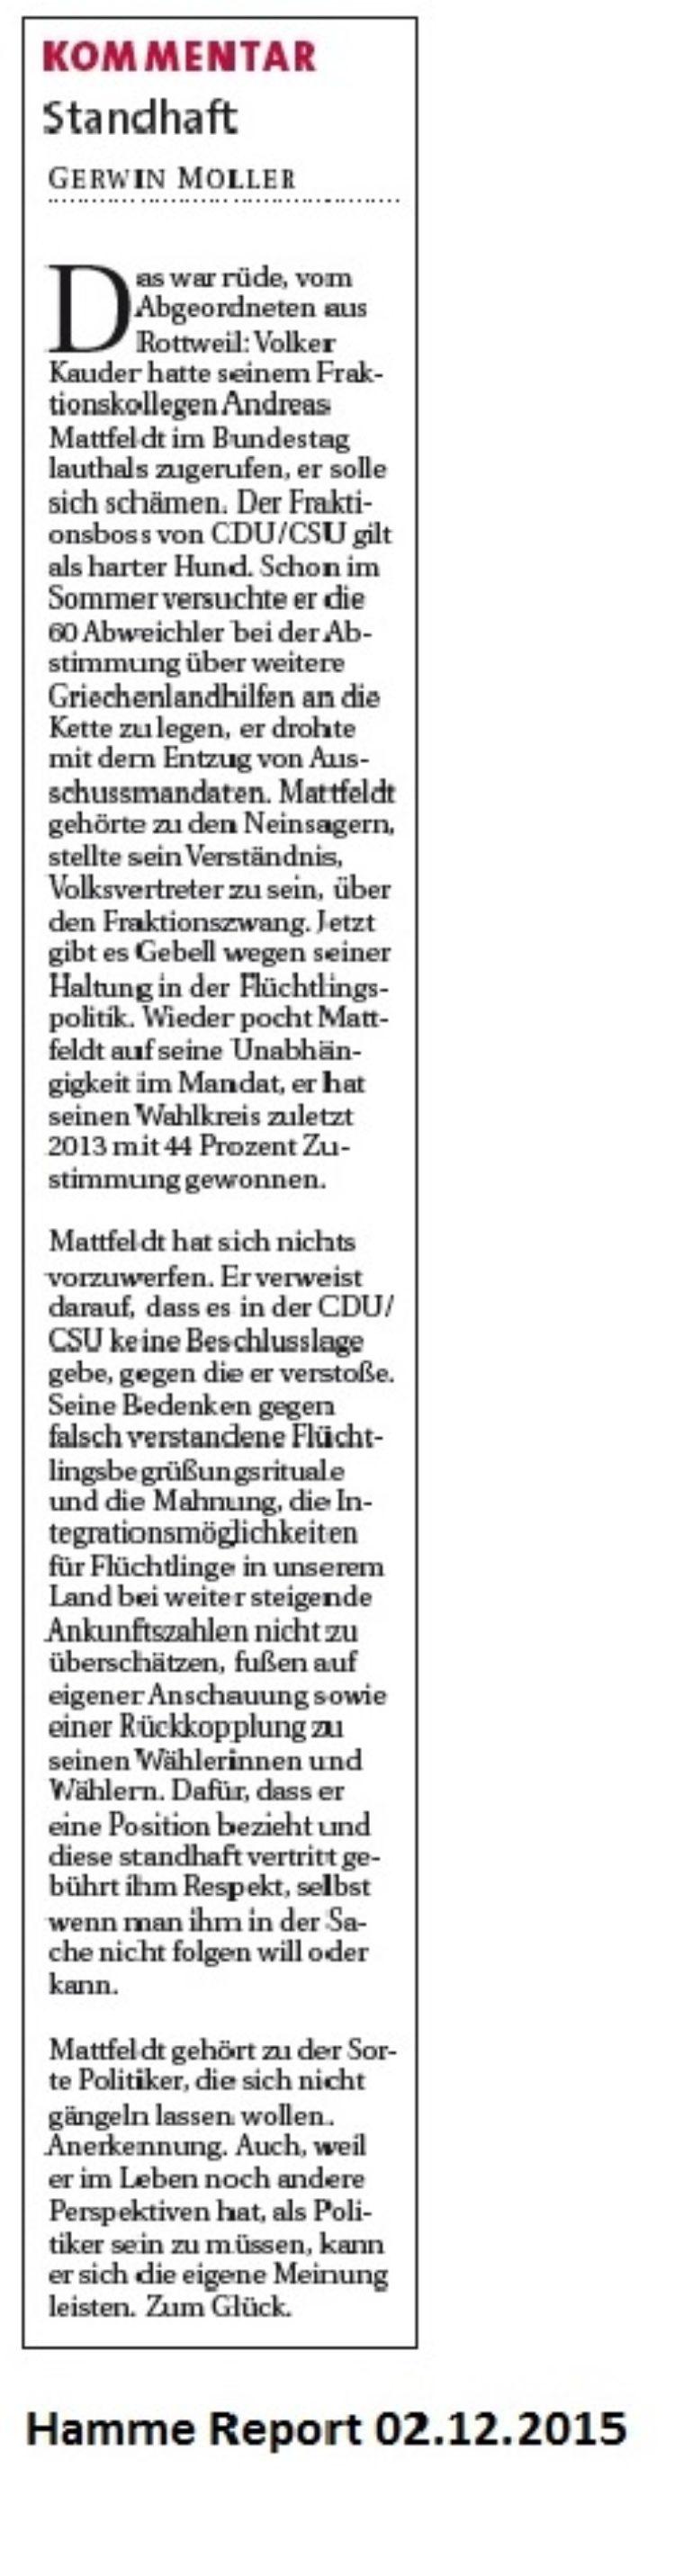 Kommentar im Hamme Report zu meiner Rede im Bundestag